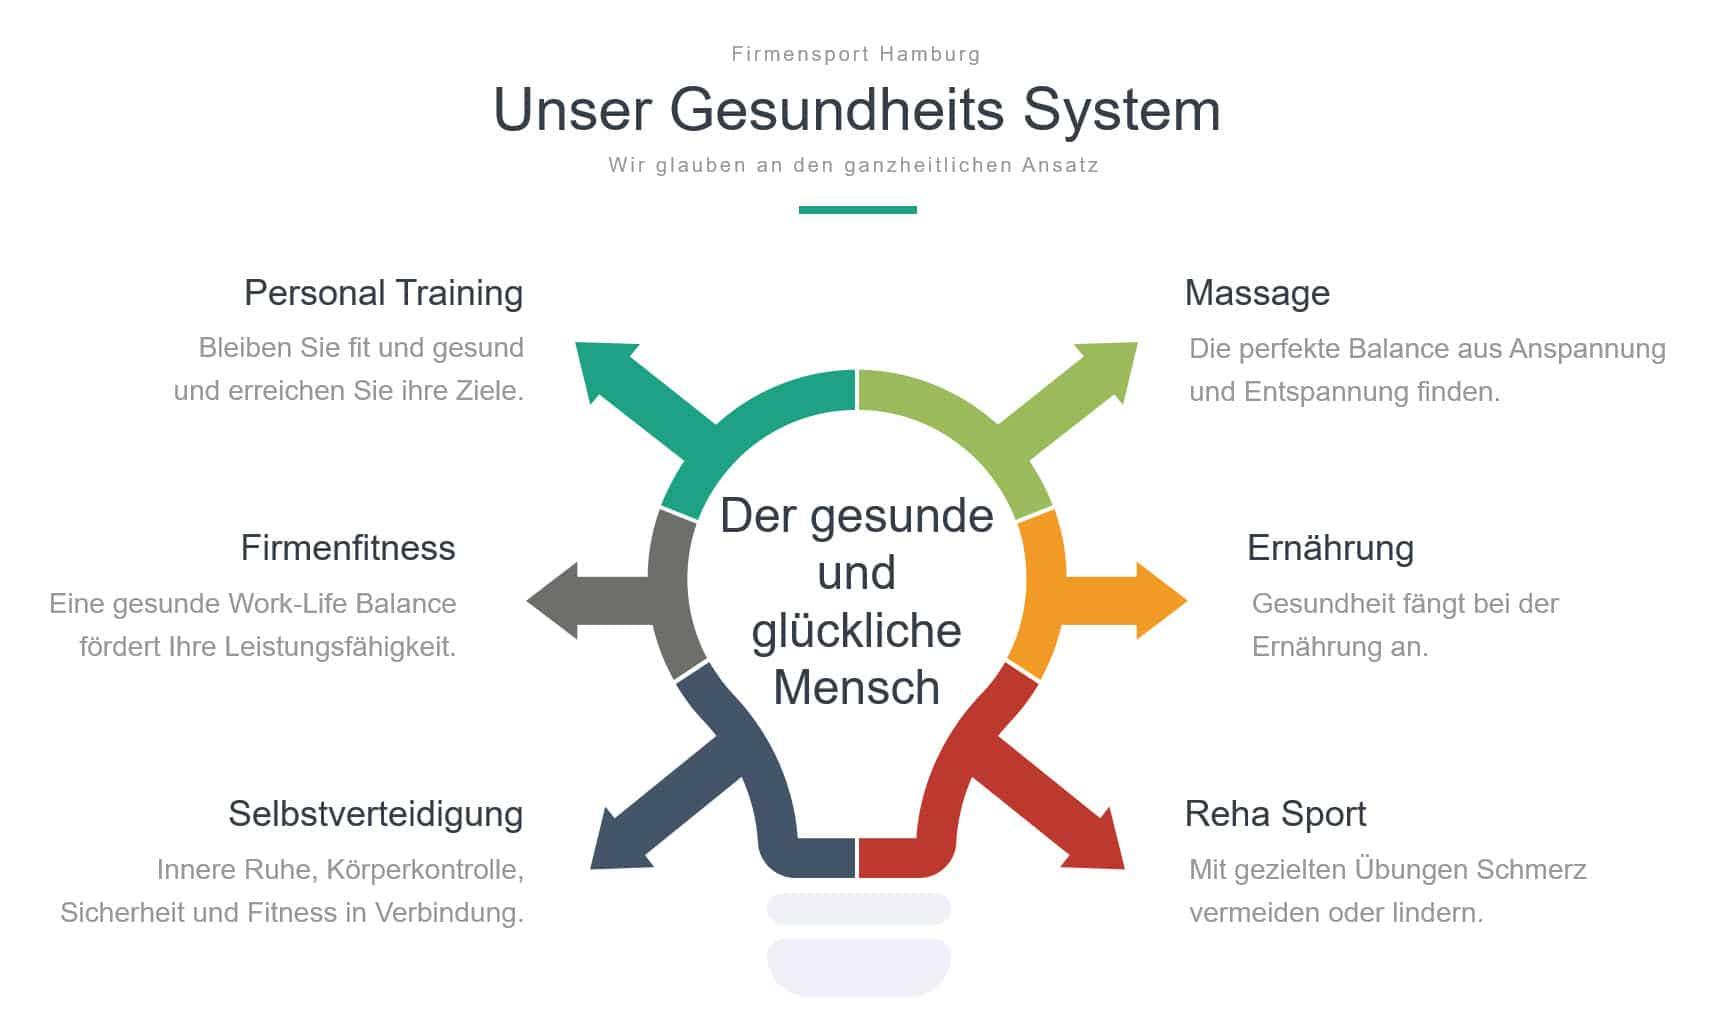 Gesundheits System